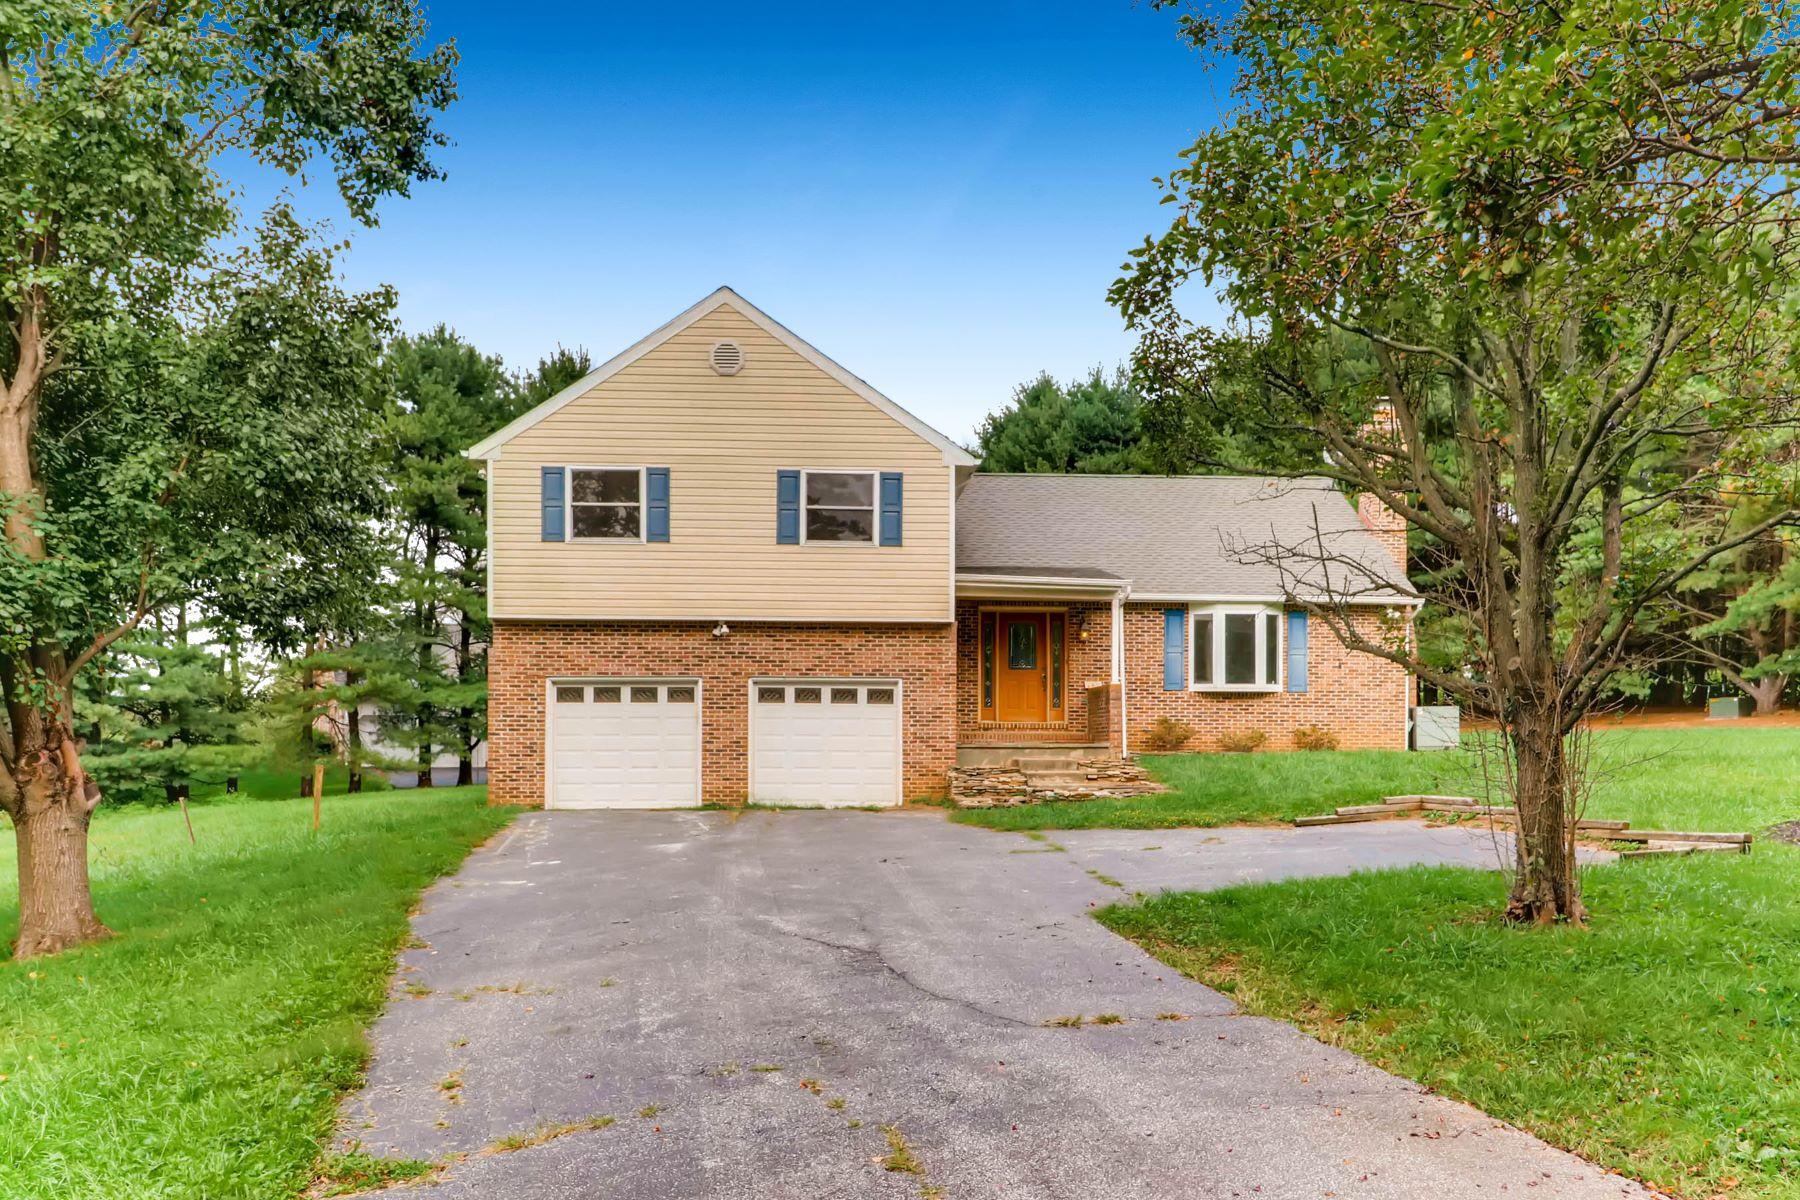 Частный односемейный дом для того Продажа на 14200 Carroll Ridge Court Baldwin, Мэриленд, 21013 Соединенные Штаты